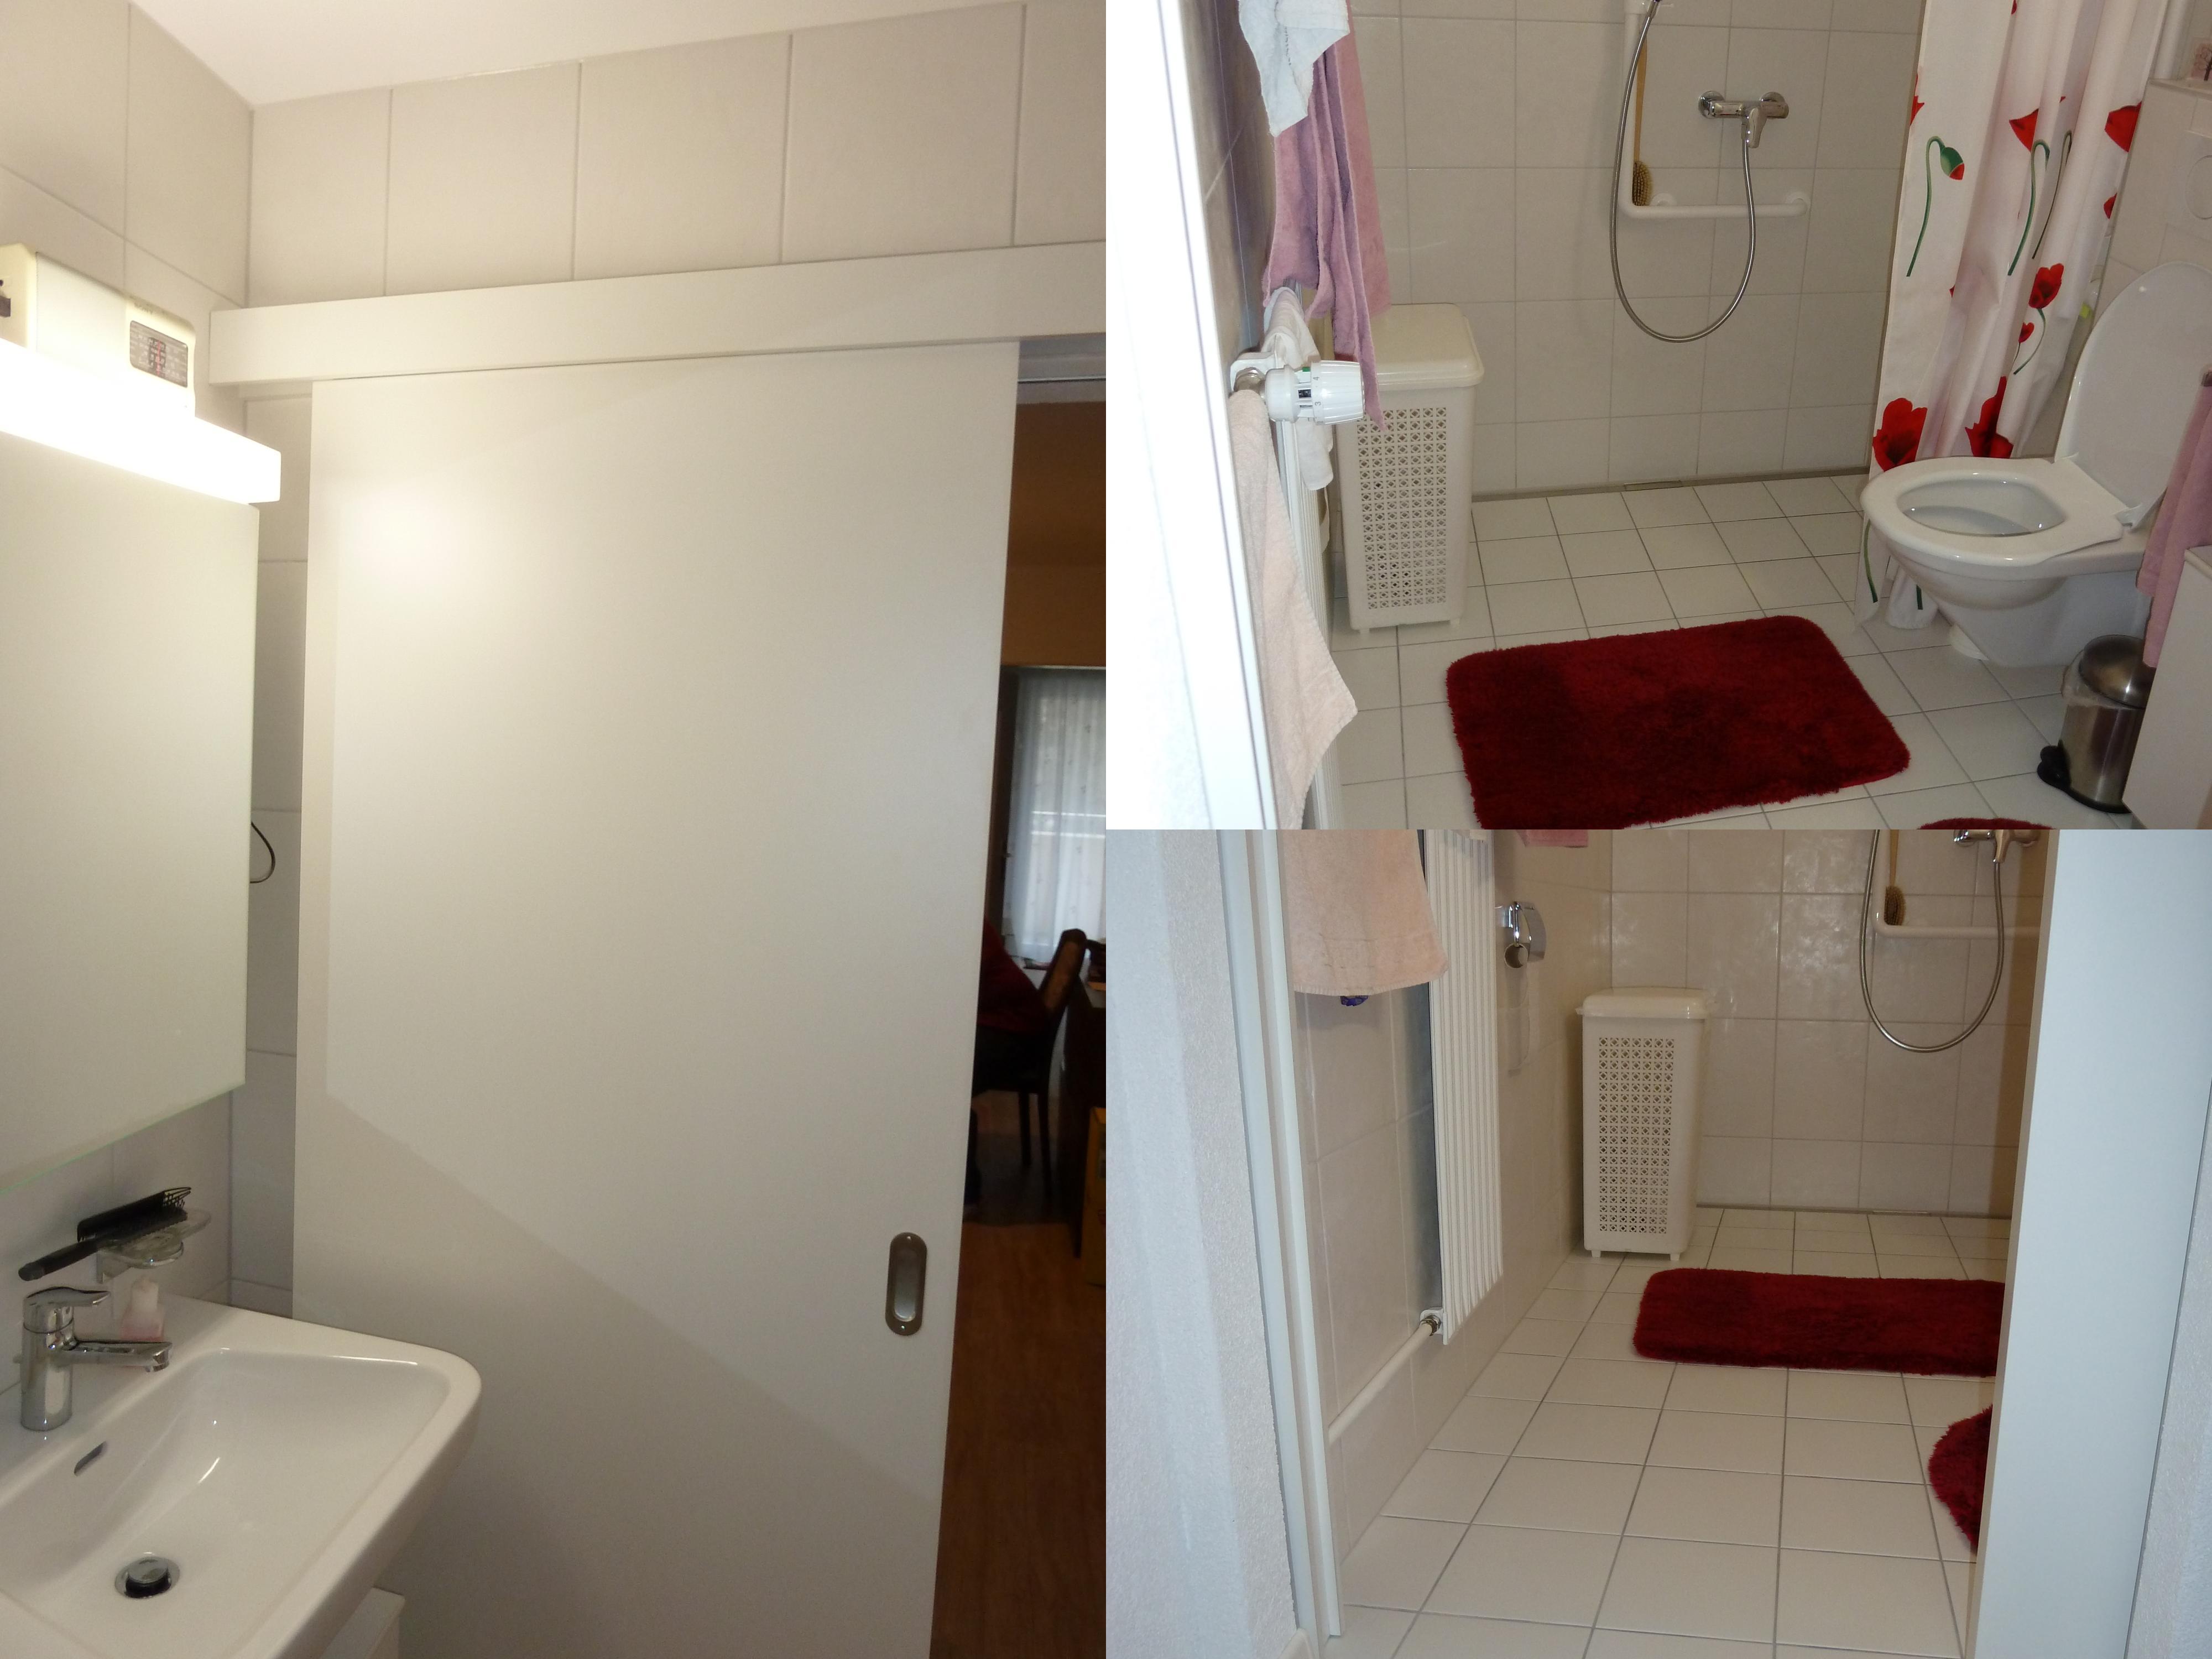 Création d'une salle de bain pour personnes à mobilité réduite